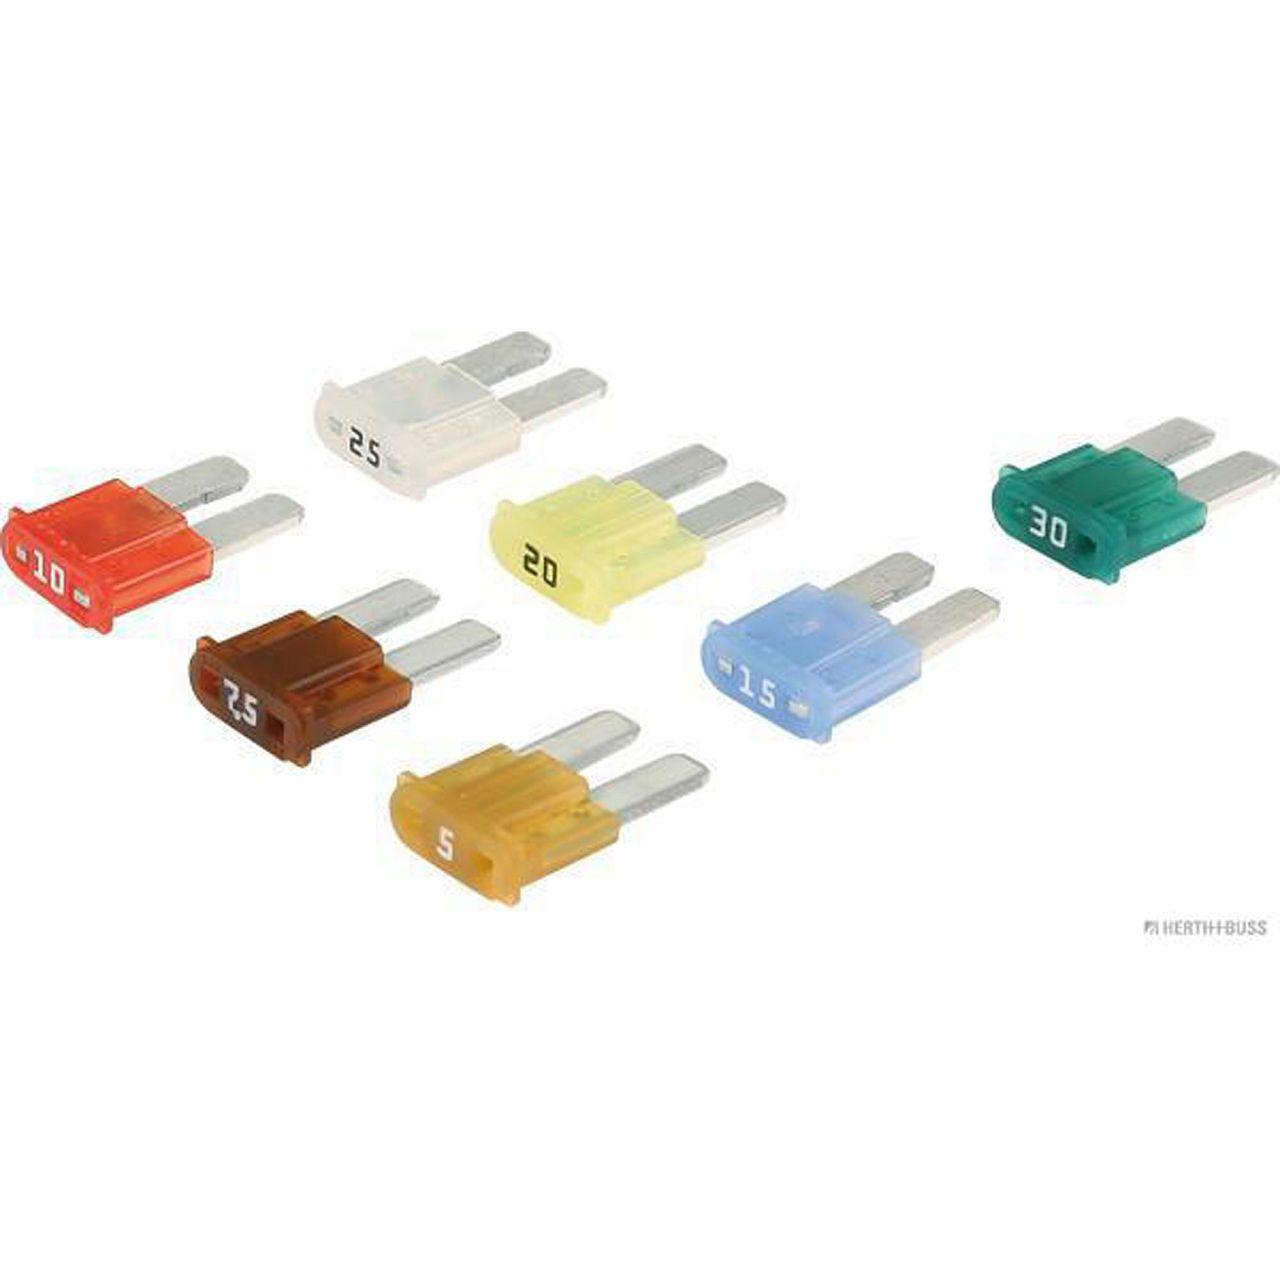 7x HERTH+BUSS ELPARTS Sicherung MICRO-Flachstecksicherung 5A - 30A